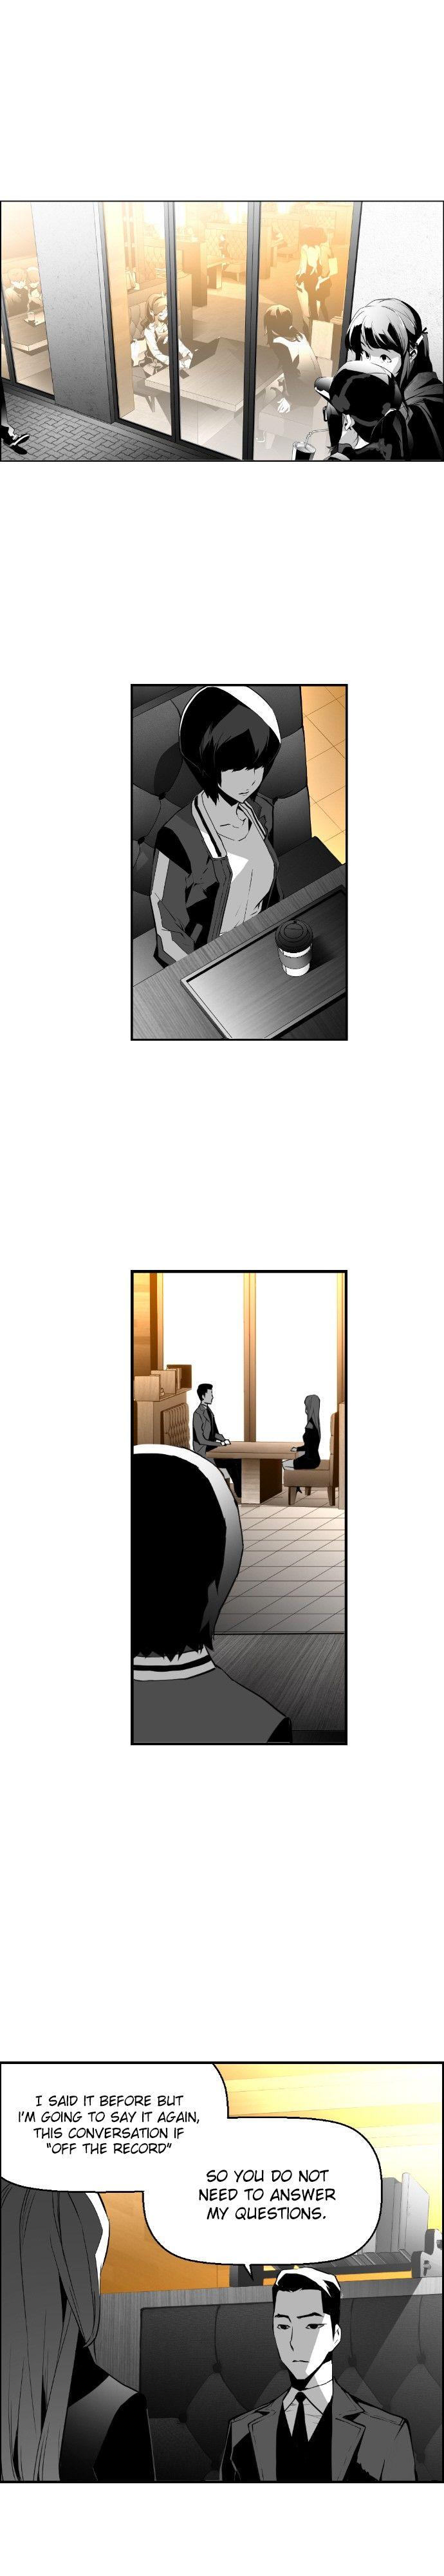 https://img2.nineanime.com/comics/pic1/9/17353/560253/d6b7be5f7f30db431b04a2f2ff9bd89c.jpg Page 1